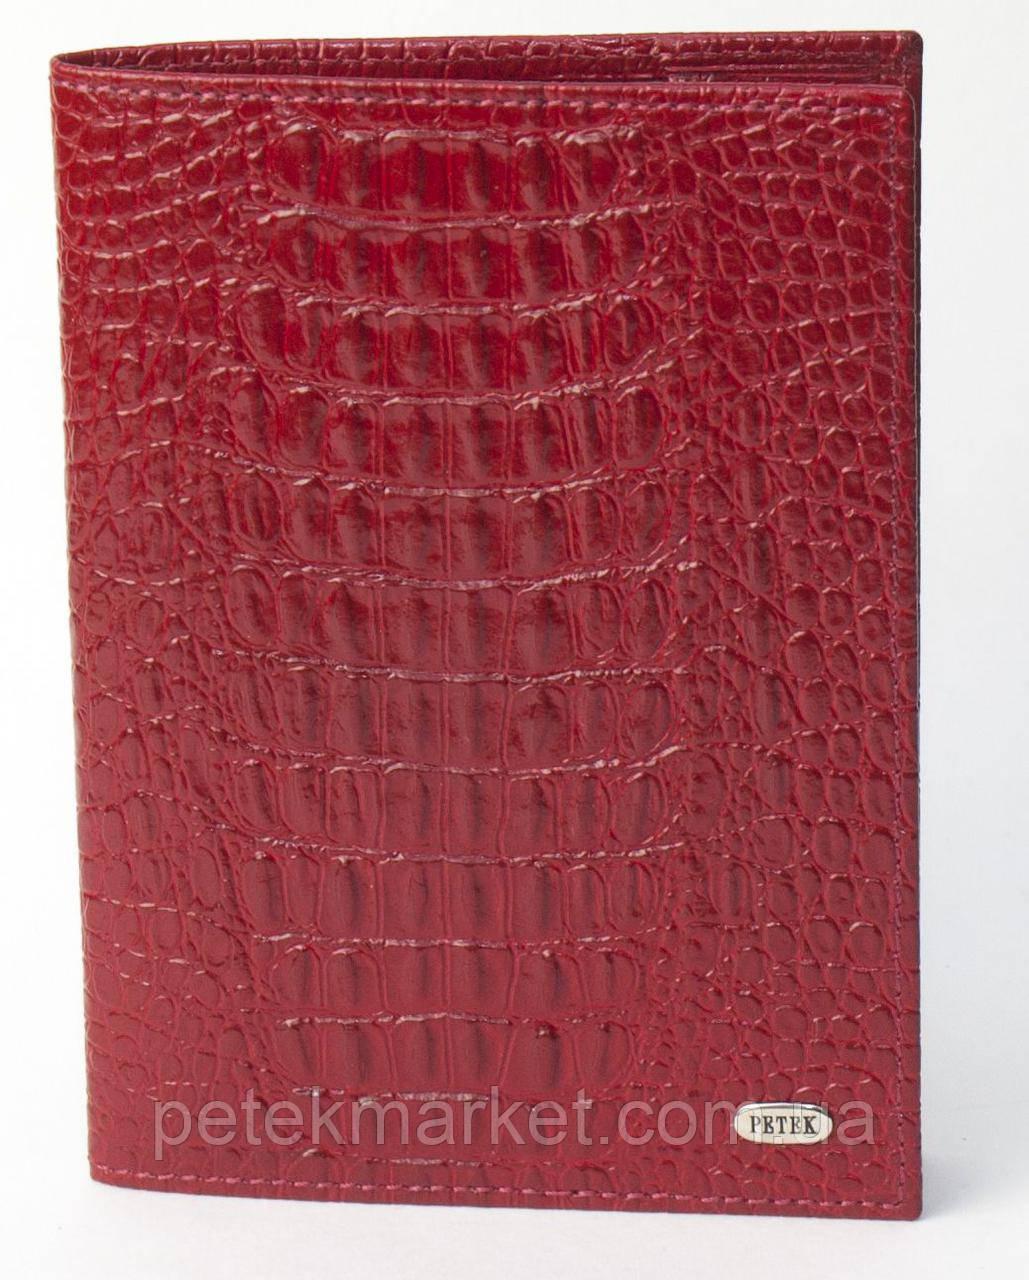 Обложка для паспорта PETEK 581 Красный (581-067-10)